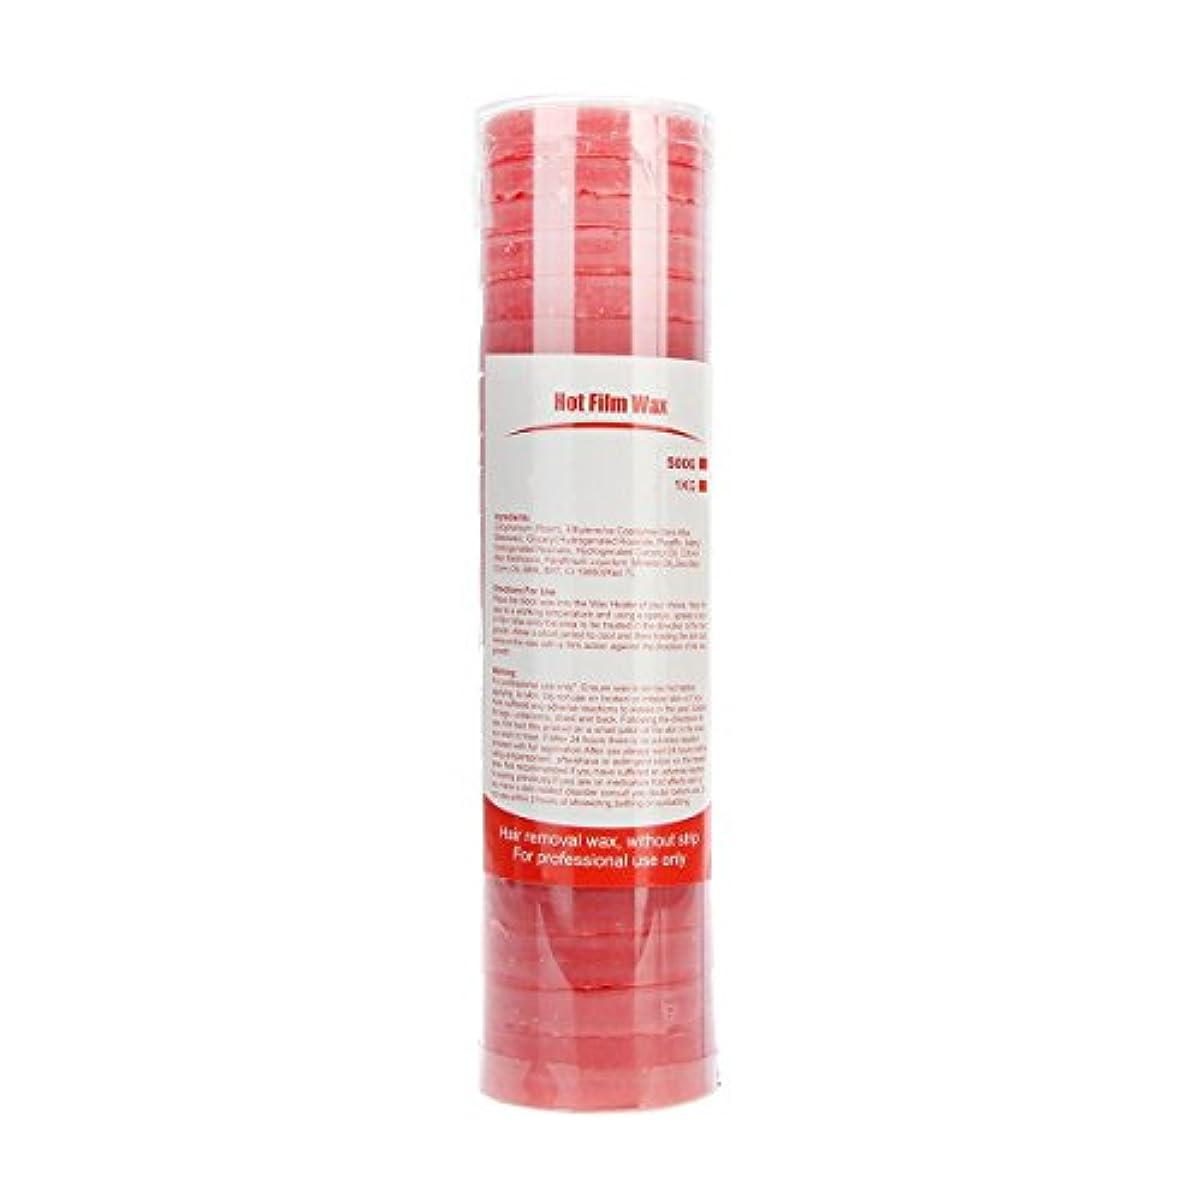 (アーニェメイ)Bonjanvy ハードワックス 脱毛 ビーズ 500g 1缶 ブラジリアンワックス 鼻毛 スティック 2本 セット-ローズ